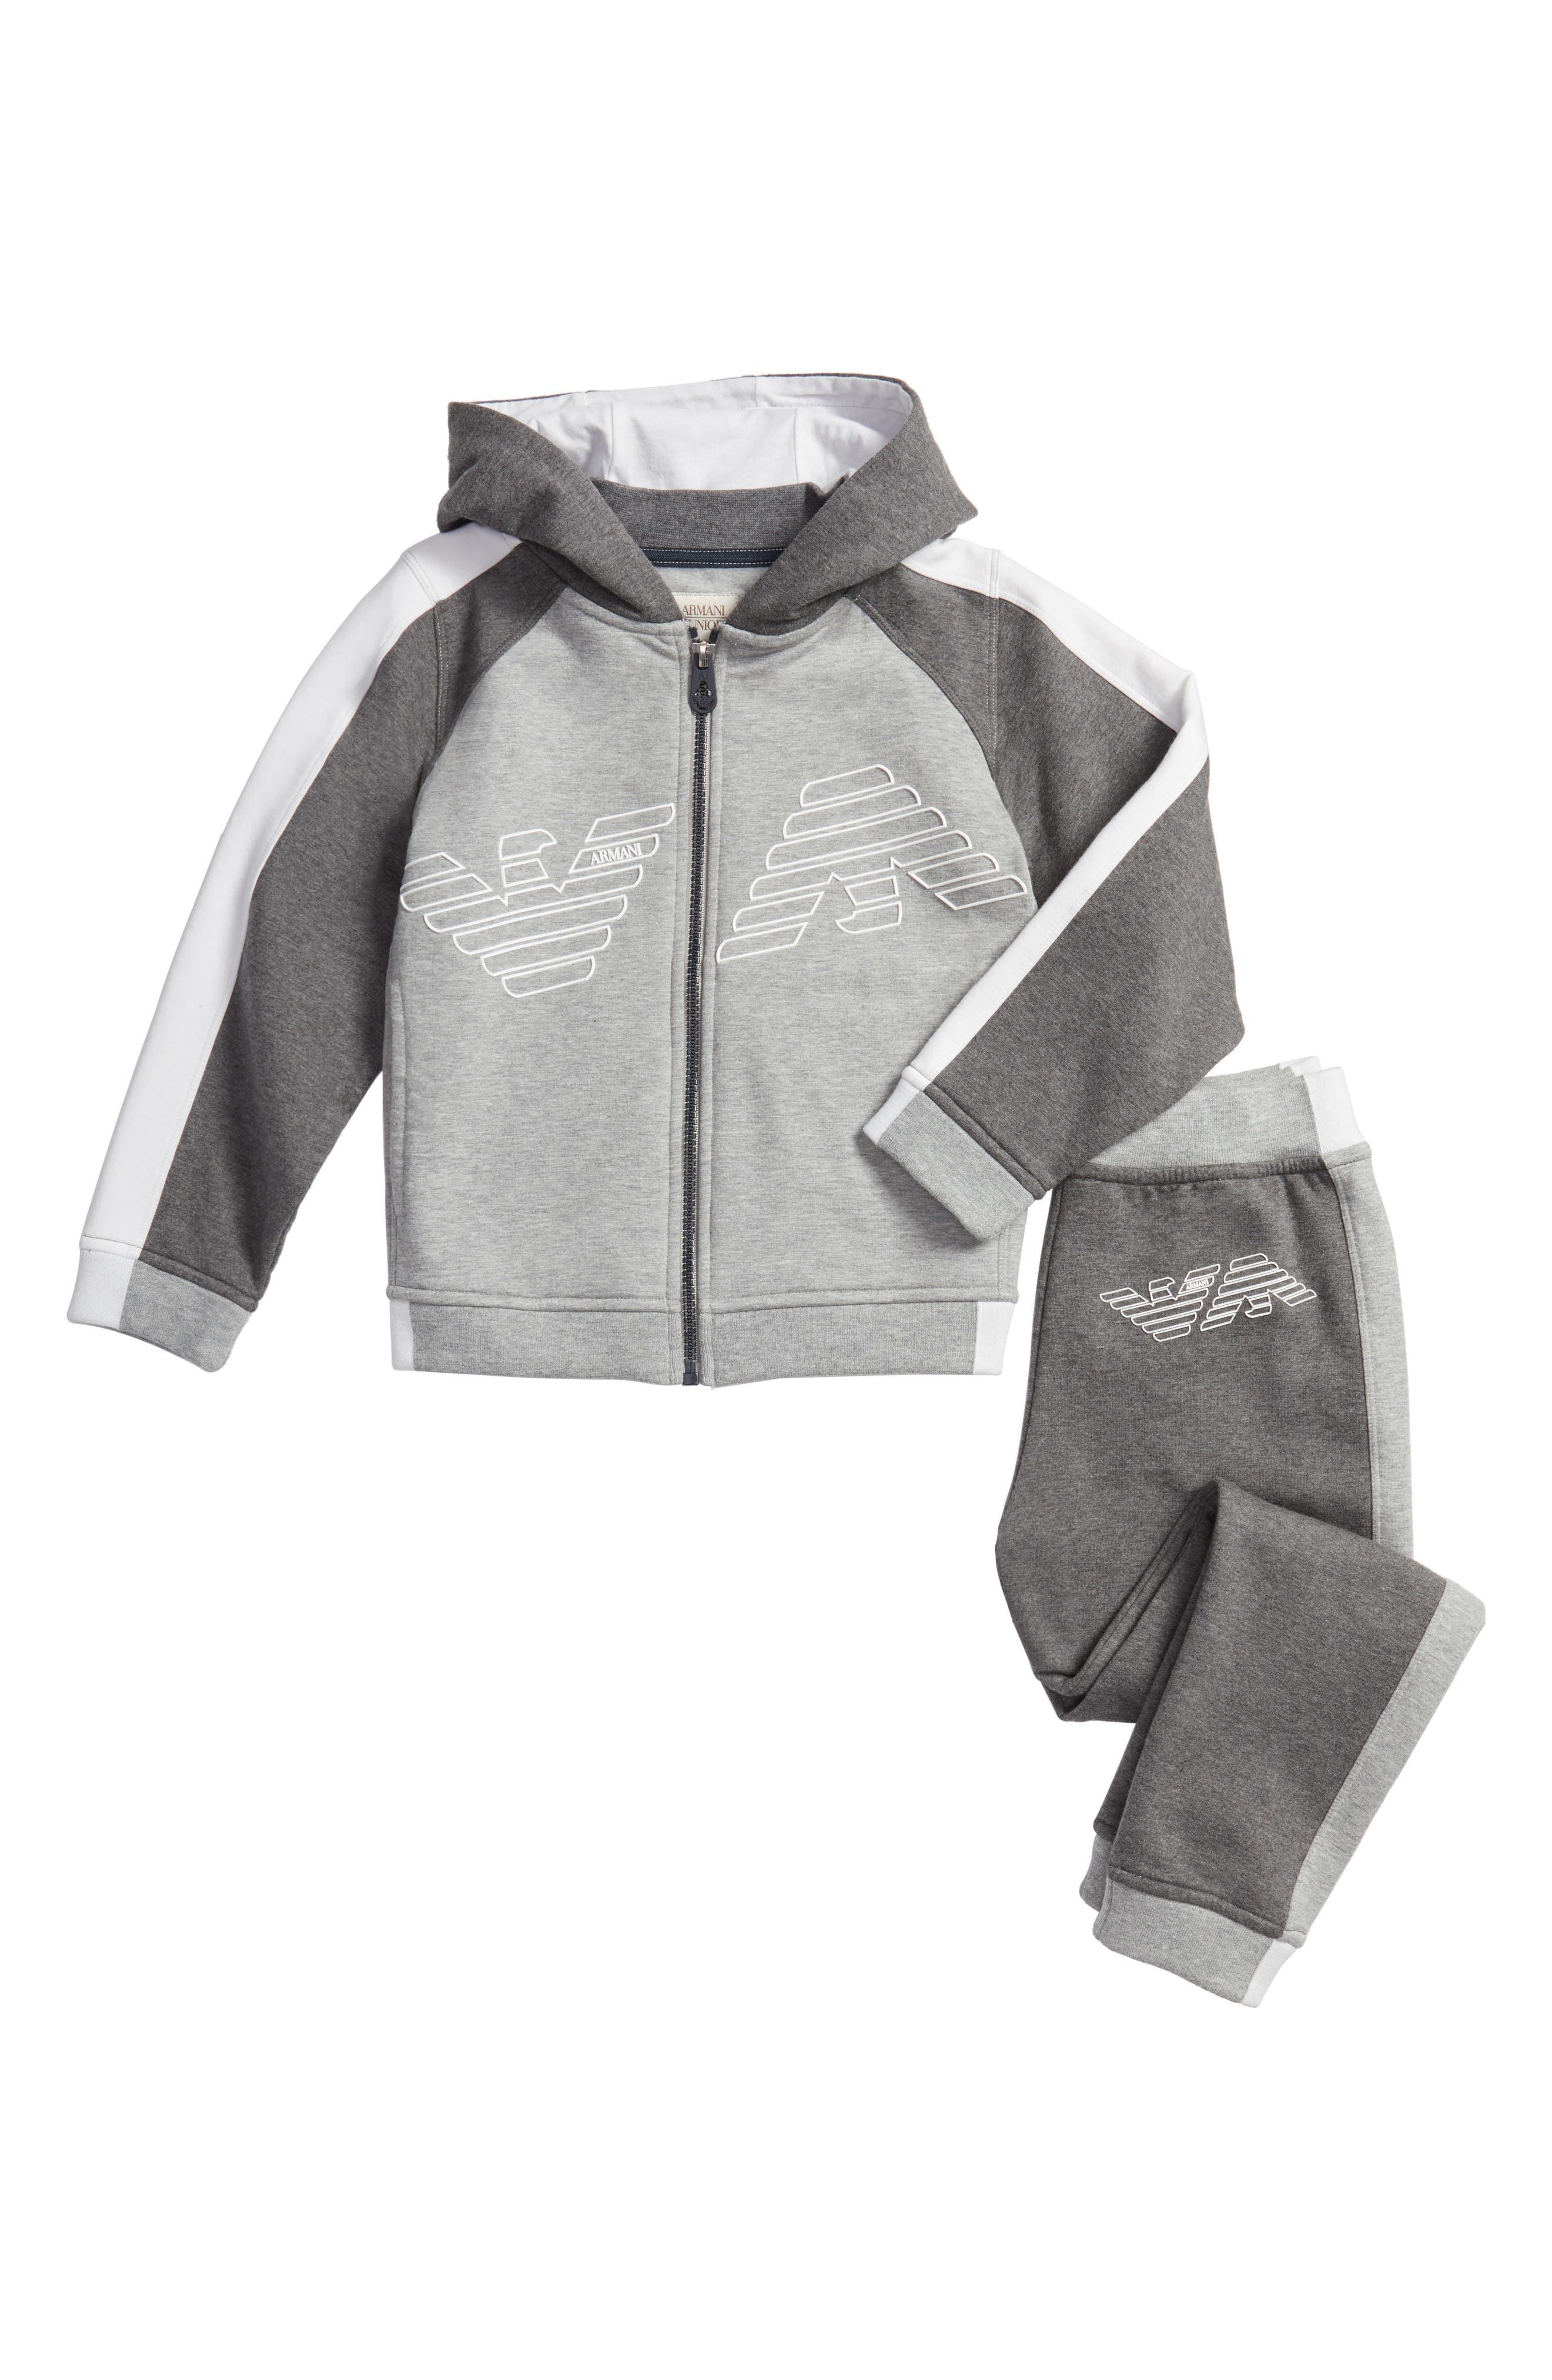 ARMANI JUNIOR Hooded Jacket & Sweatpants Set